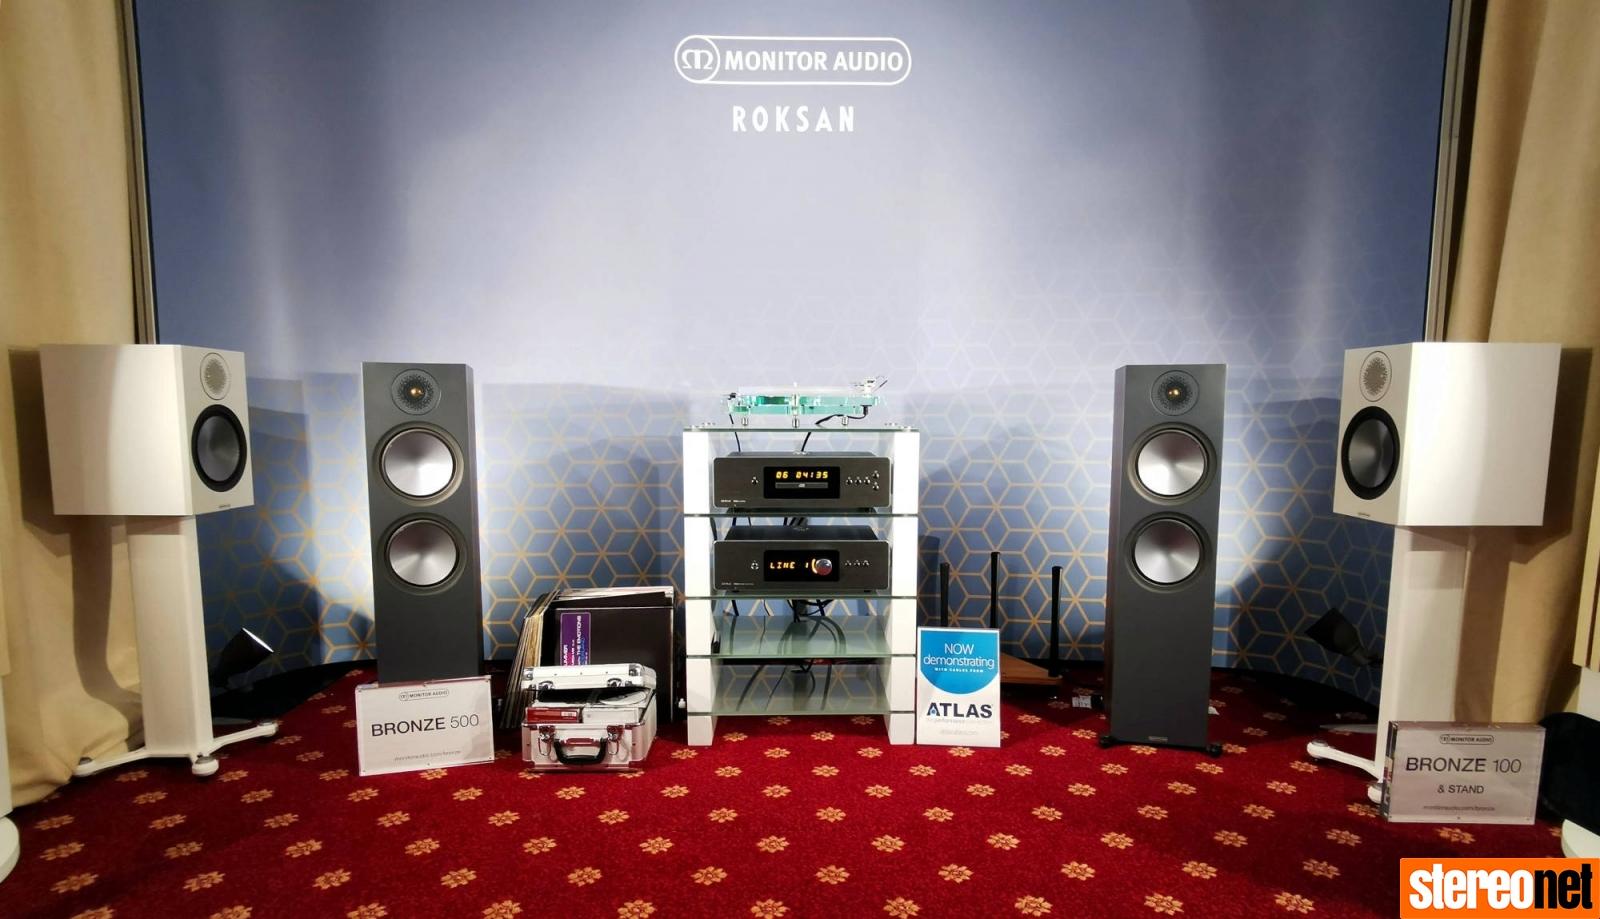 Monitor Audio Bristol hifi show 2020 report